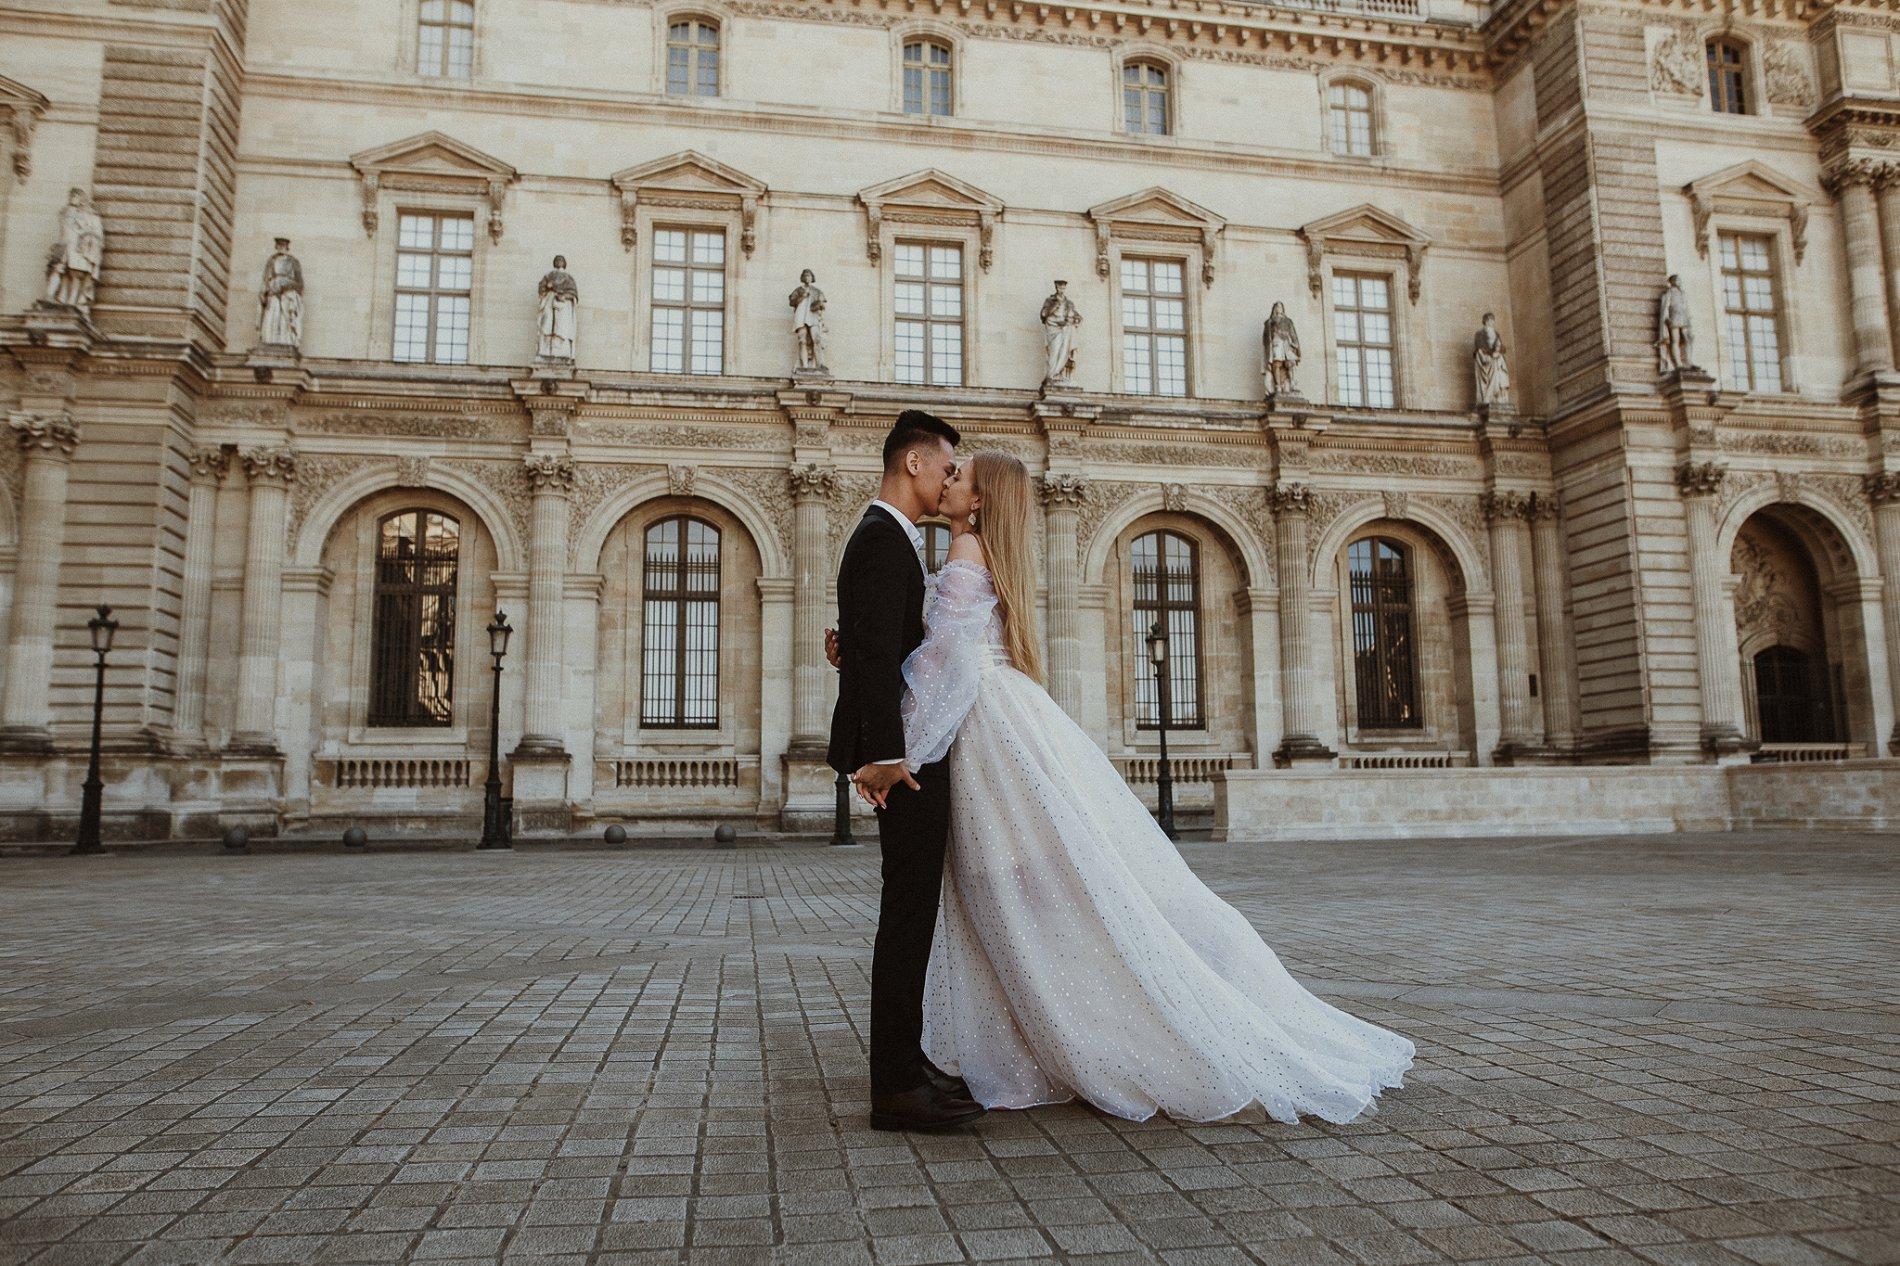 Miss He Bridal Romantic Paris Elopement (c) Xanthe Rowland Photography (24)